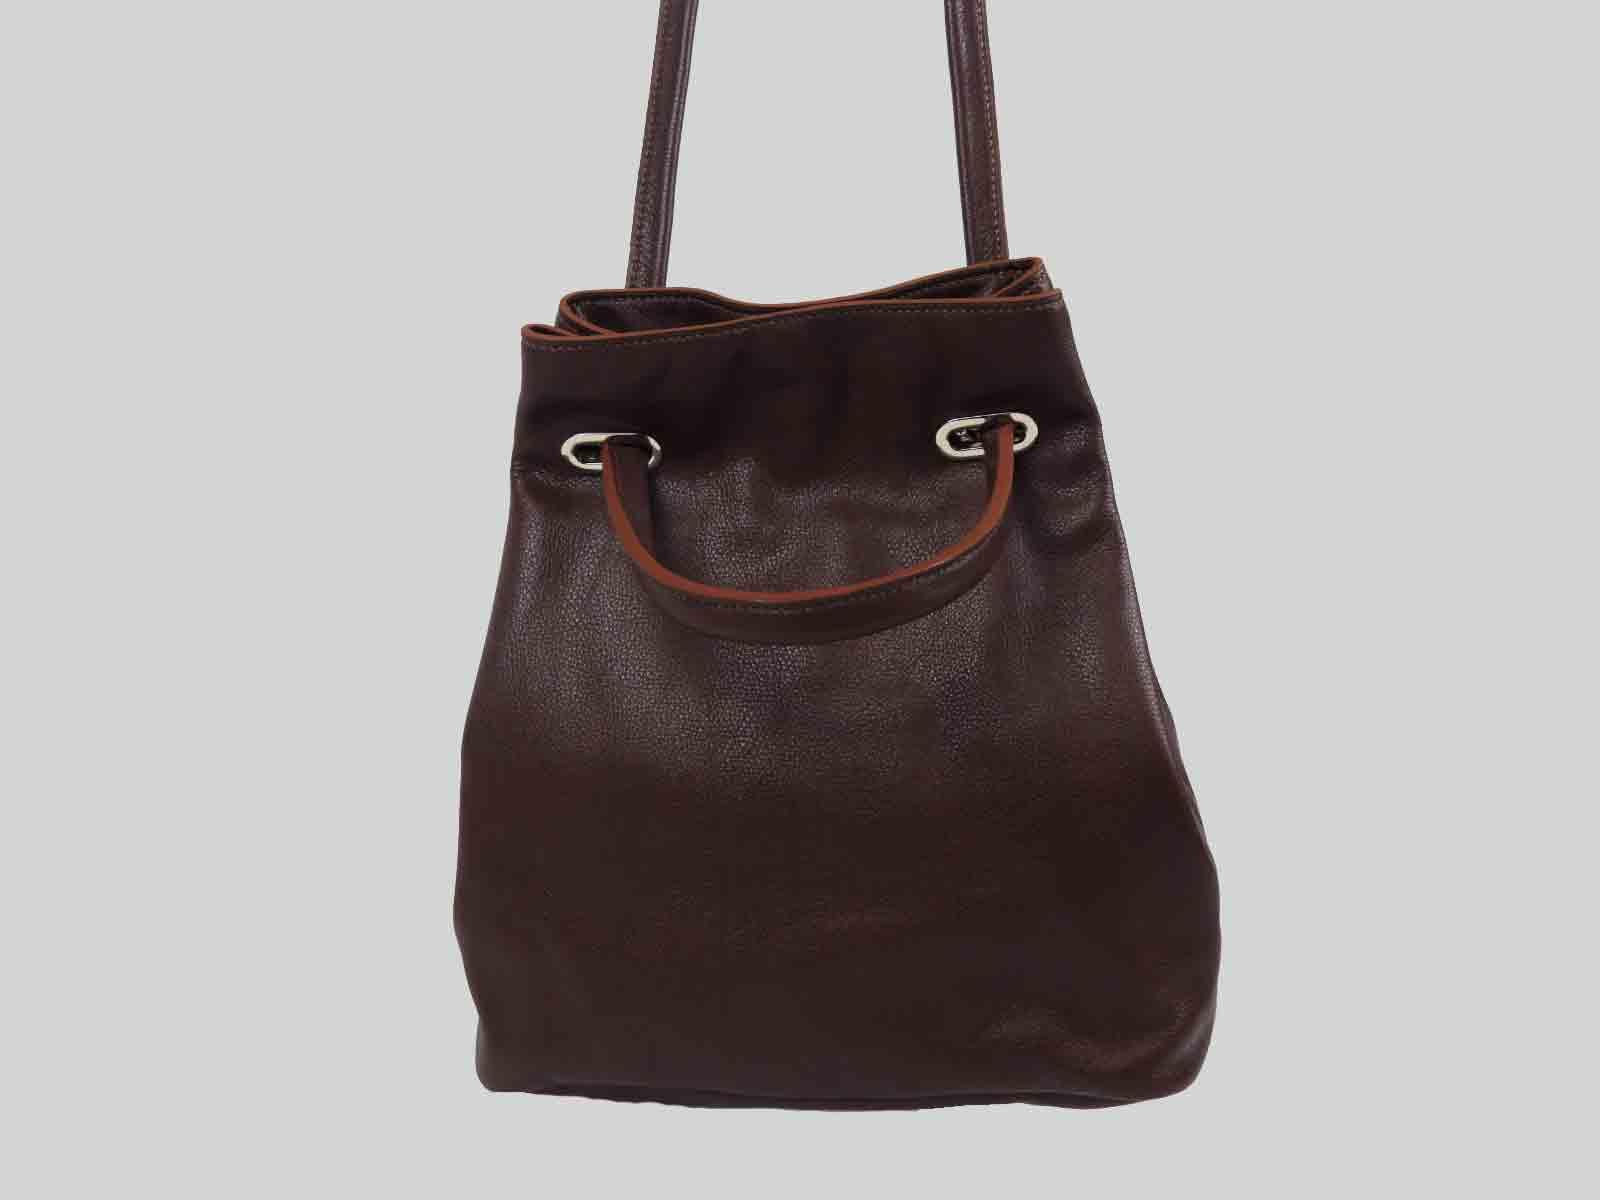 KORO sac porté épaule ou croisé en cuir de veau bordeaux